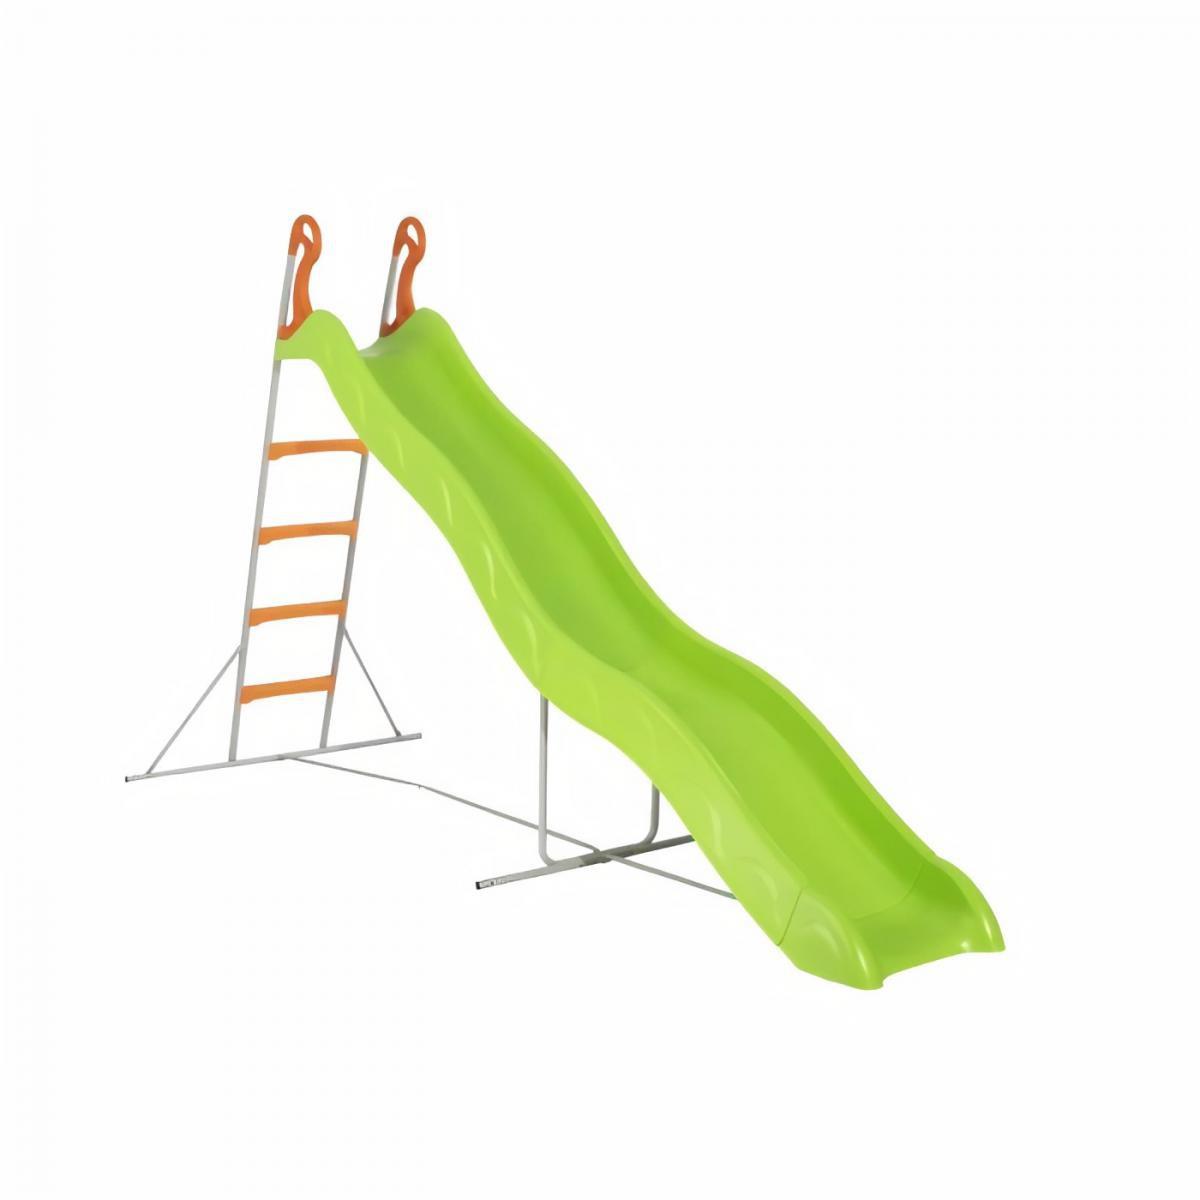 Trigano Toboggan PYROU de 3,32m de glisse , coloris vert avec 4 echelons anti-dérapant coloris orange, structure métal coloris g